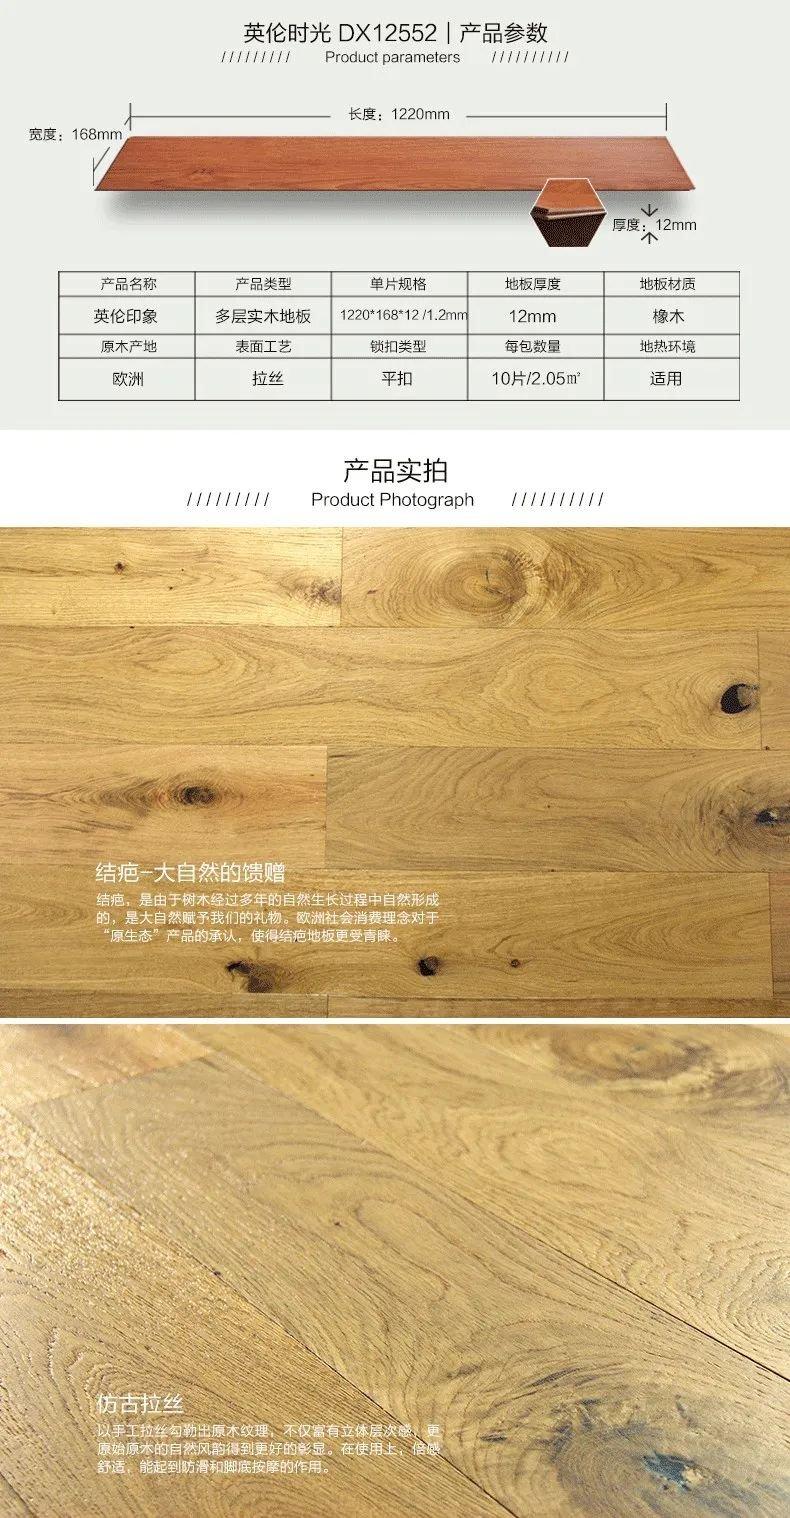 柏高出口英国多层实木地板产品-英伦橡木DJ012552_4